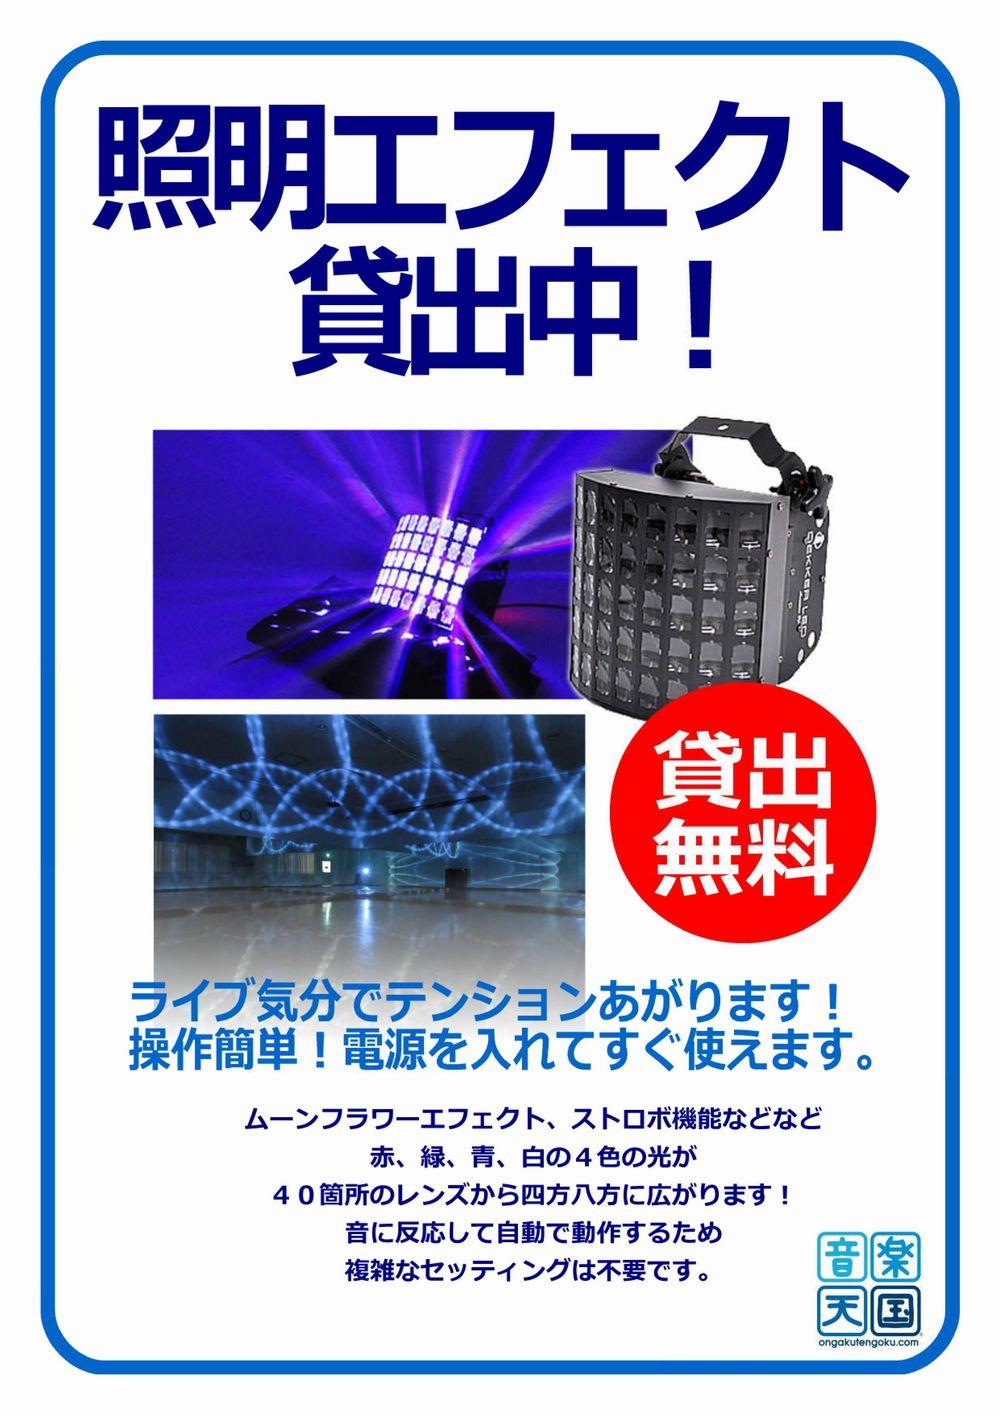 音楽天国・藤枝店の照明エフェクト貸出